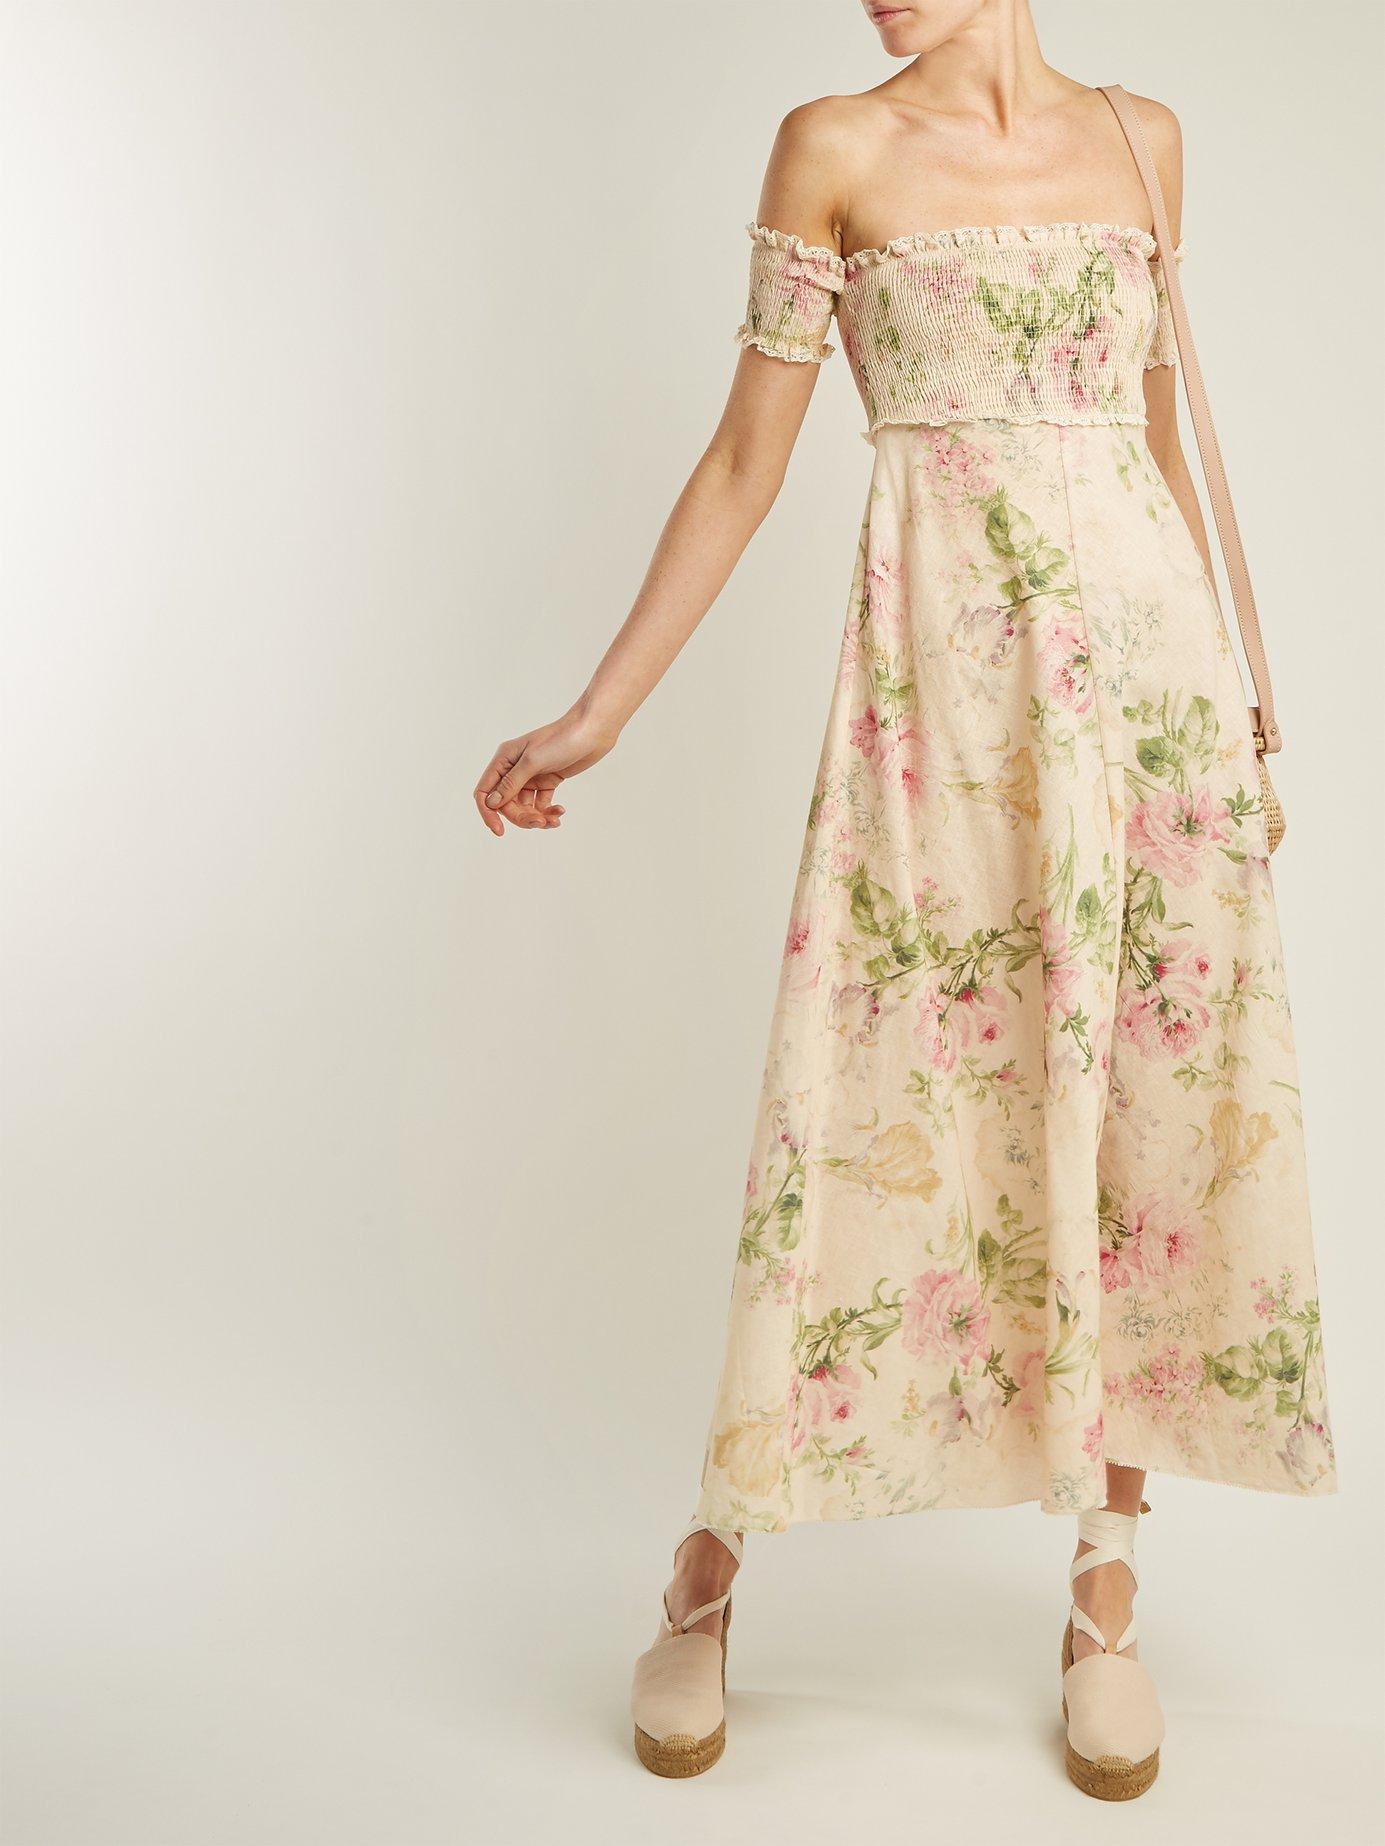 Iris shirred linen and cotton-blend dress by Zimmermann